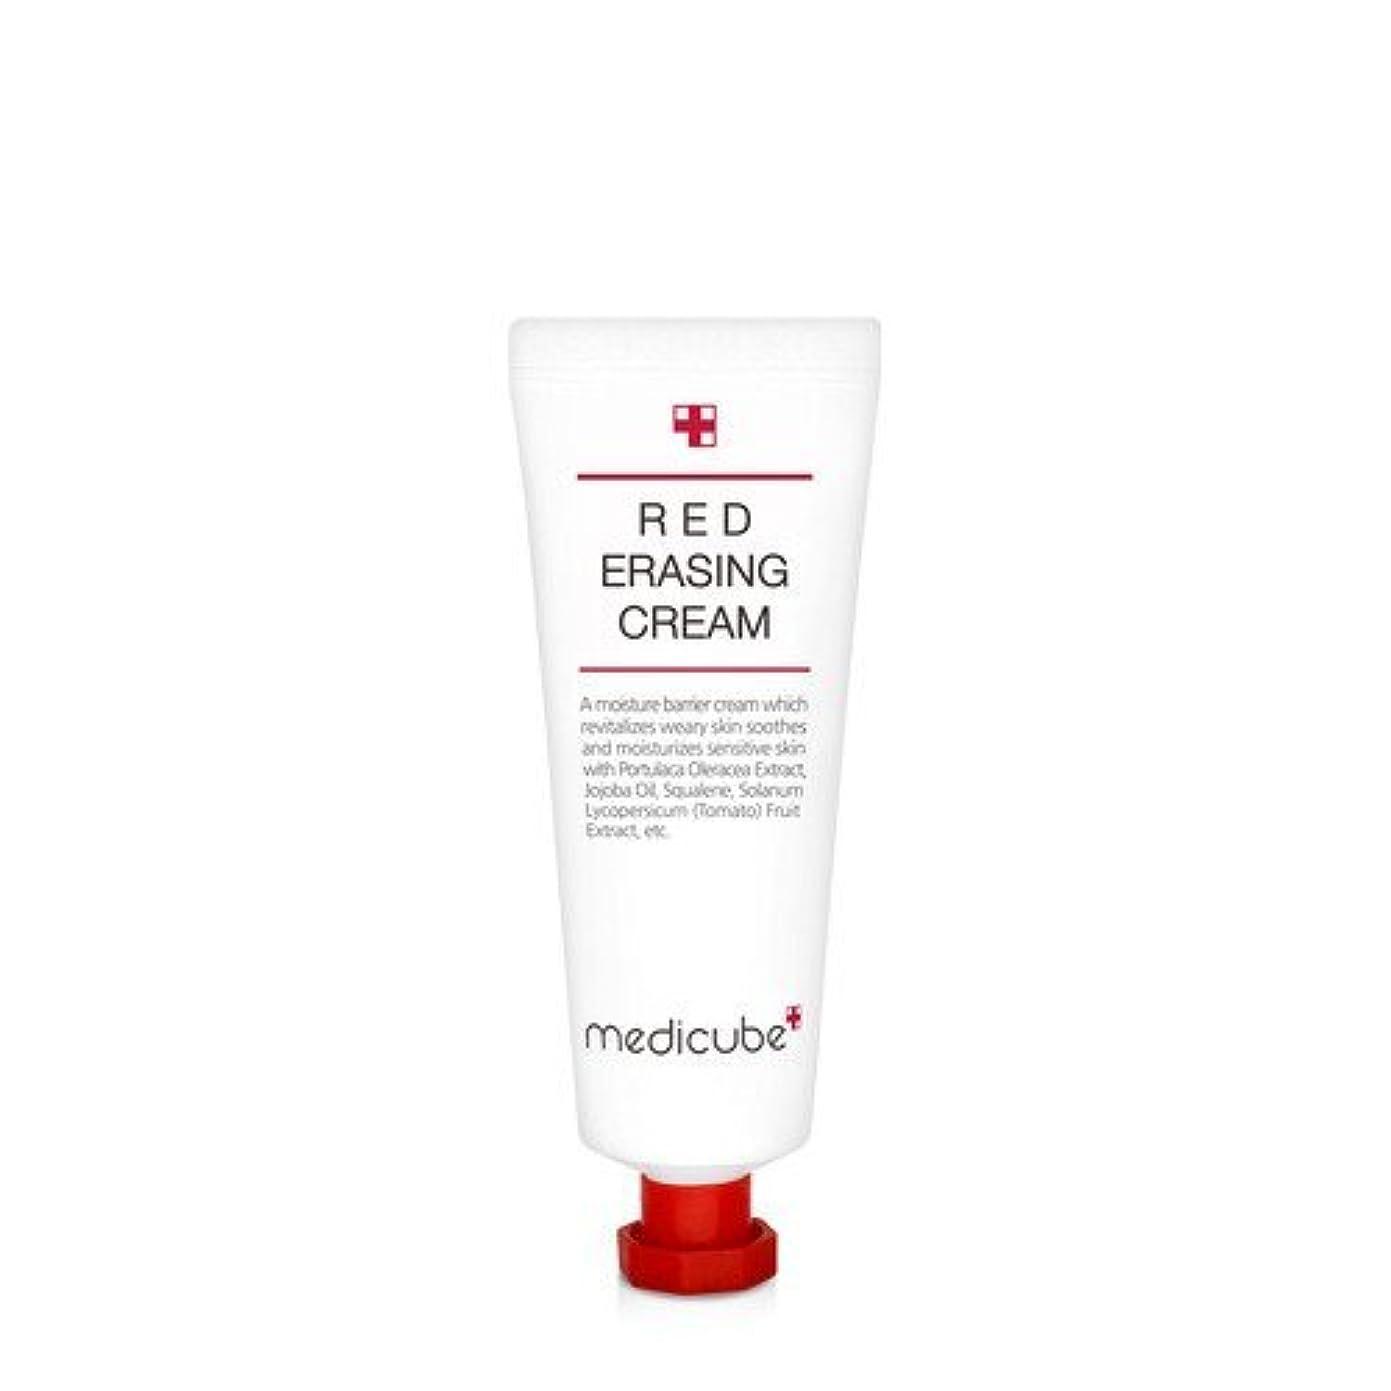 前奏曲宿題見る人[Medicube]Red Erasing Cream 50g / メディキューブレッドイレイジングクリーム / 正品?海外直送商品 [並行輸入品]